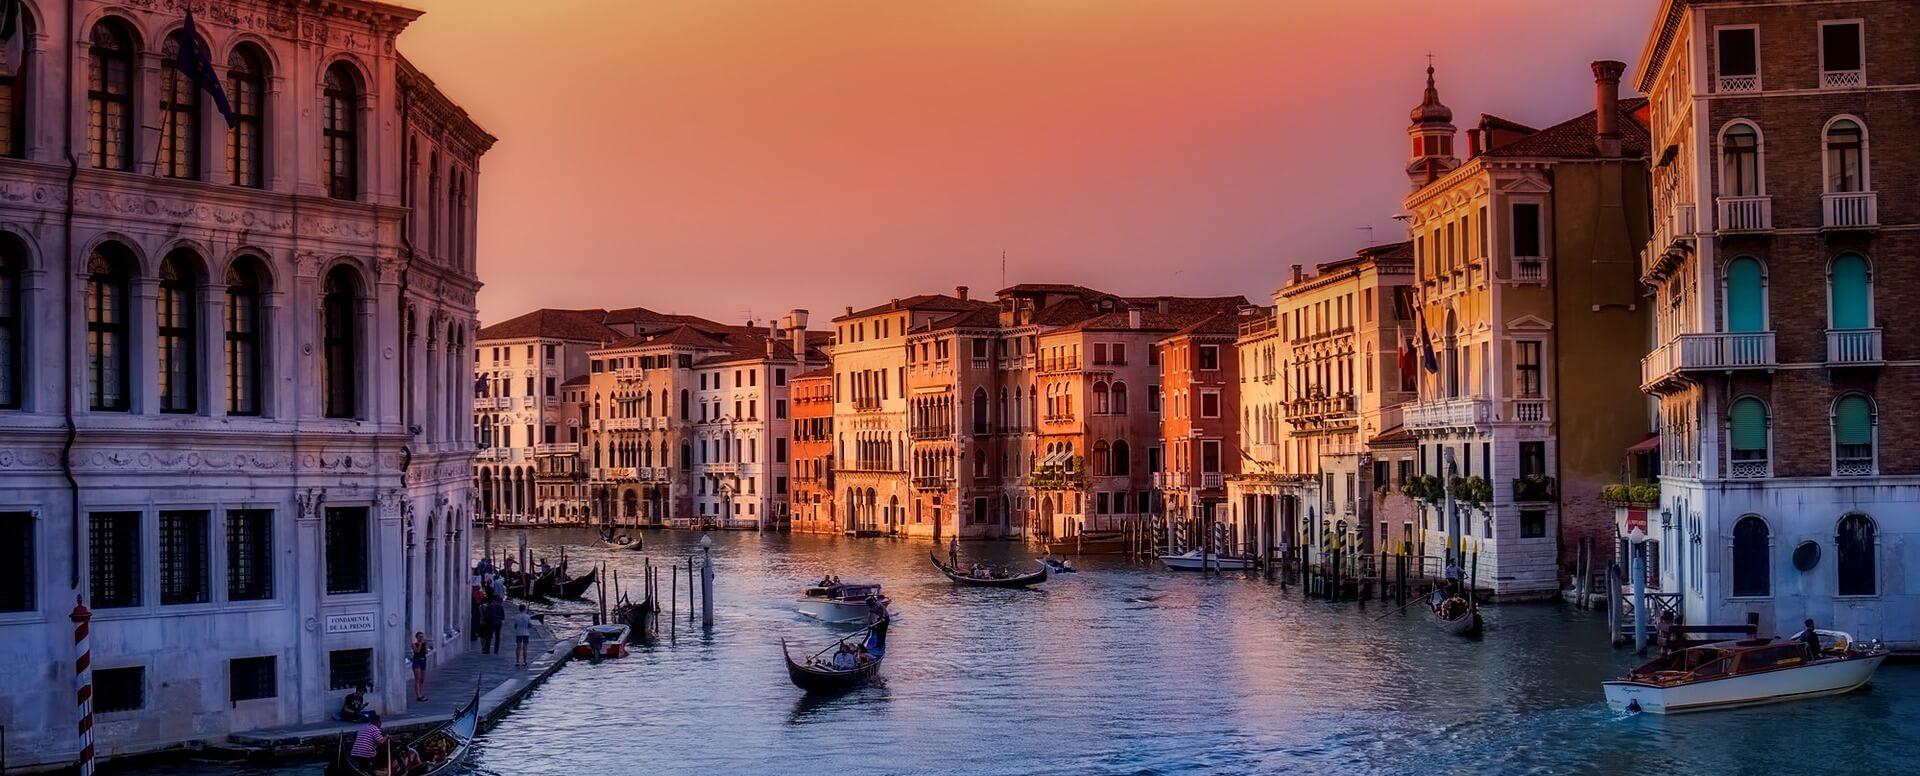 Astuces de voyage à connaître avant de partir en Italie - Italie